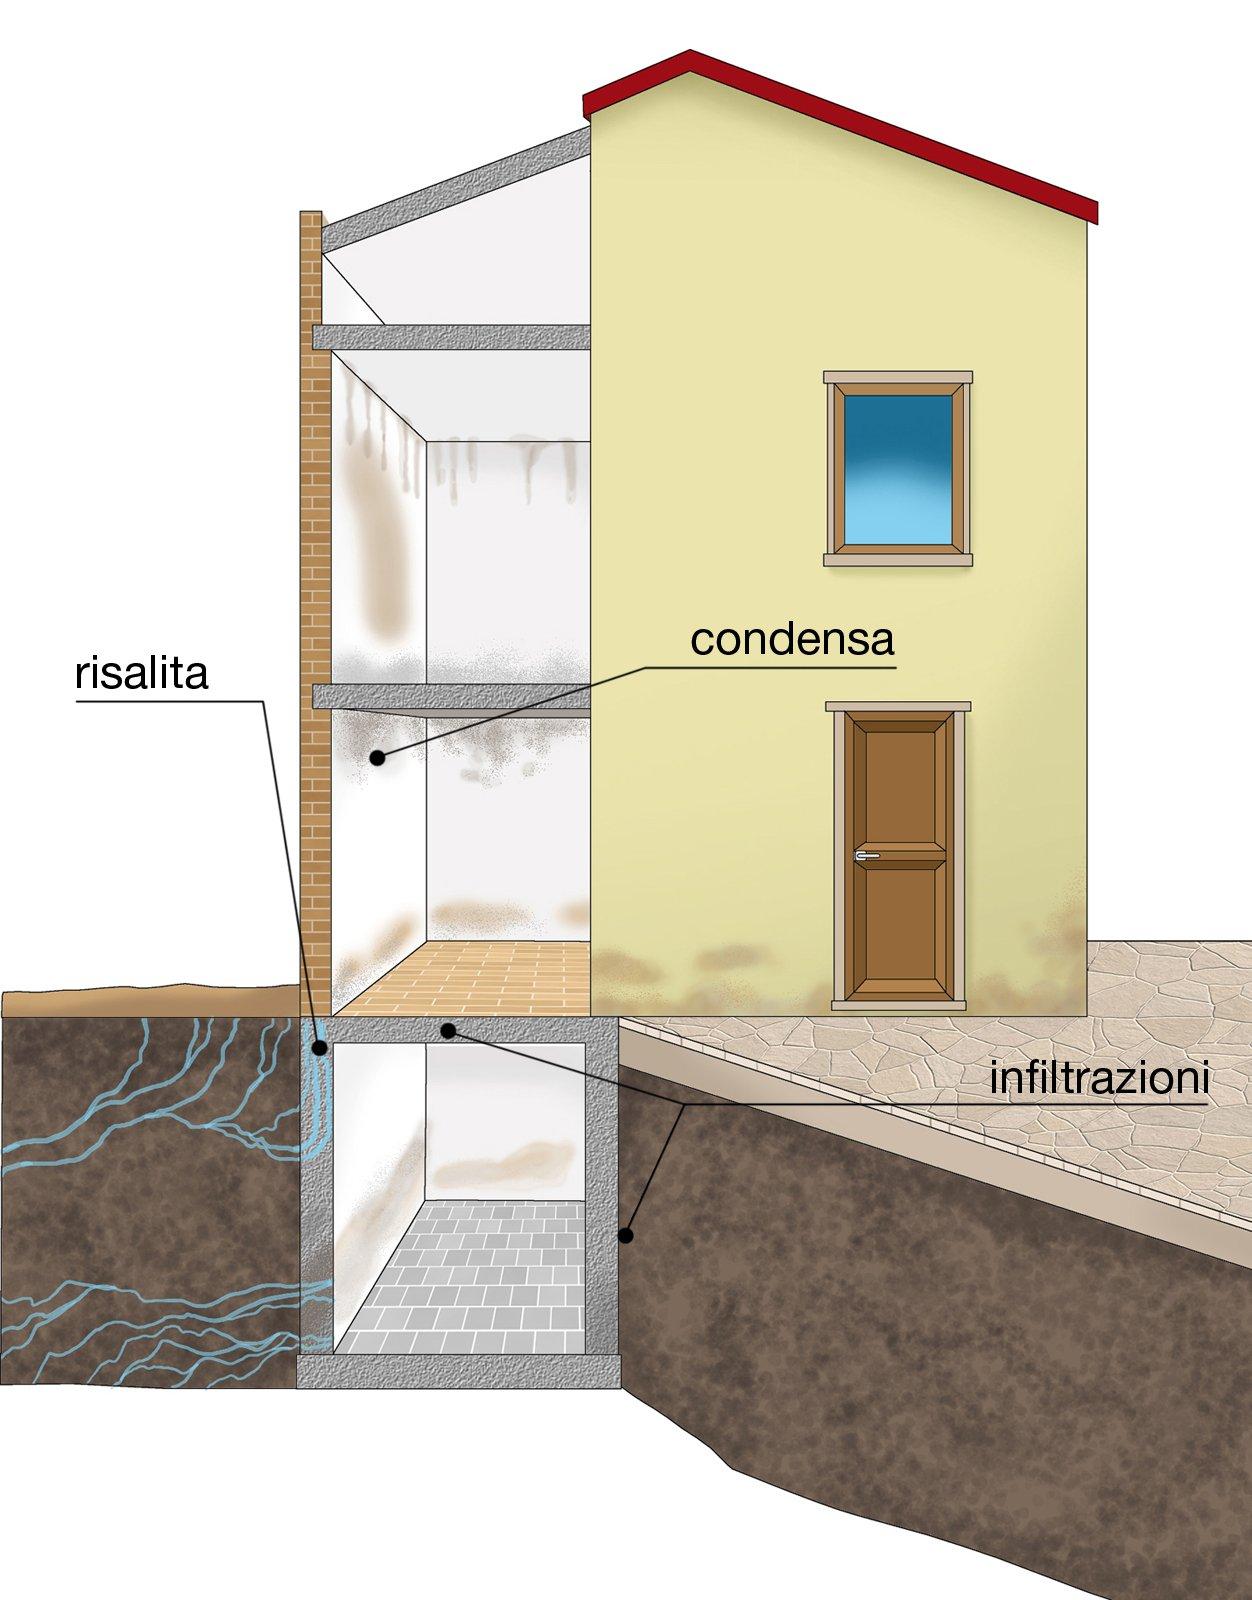 Umidit nei muri come riconoscerla cose di casa - Come togliere l umidita in casa ...